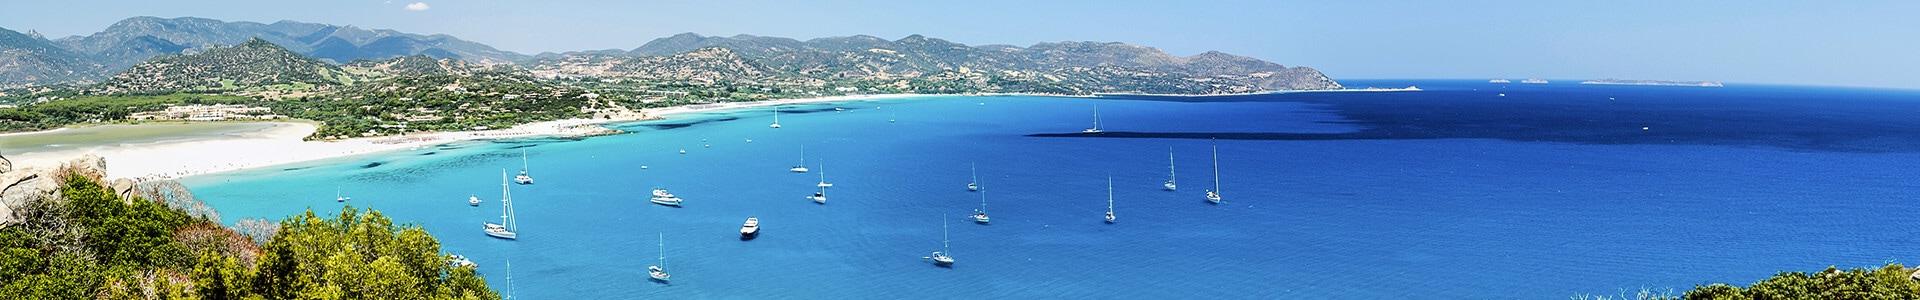 Voyage Sardaigne - TUI